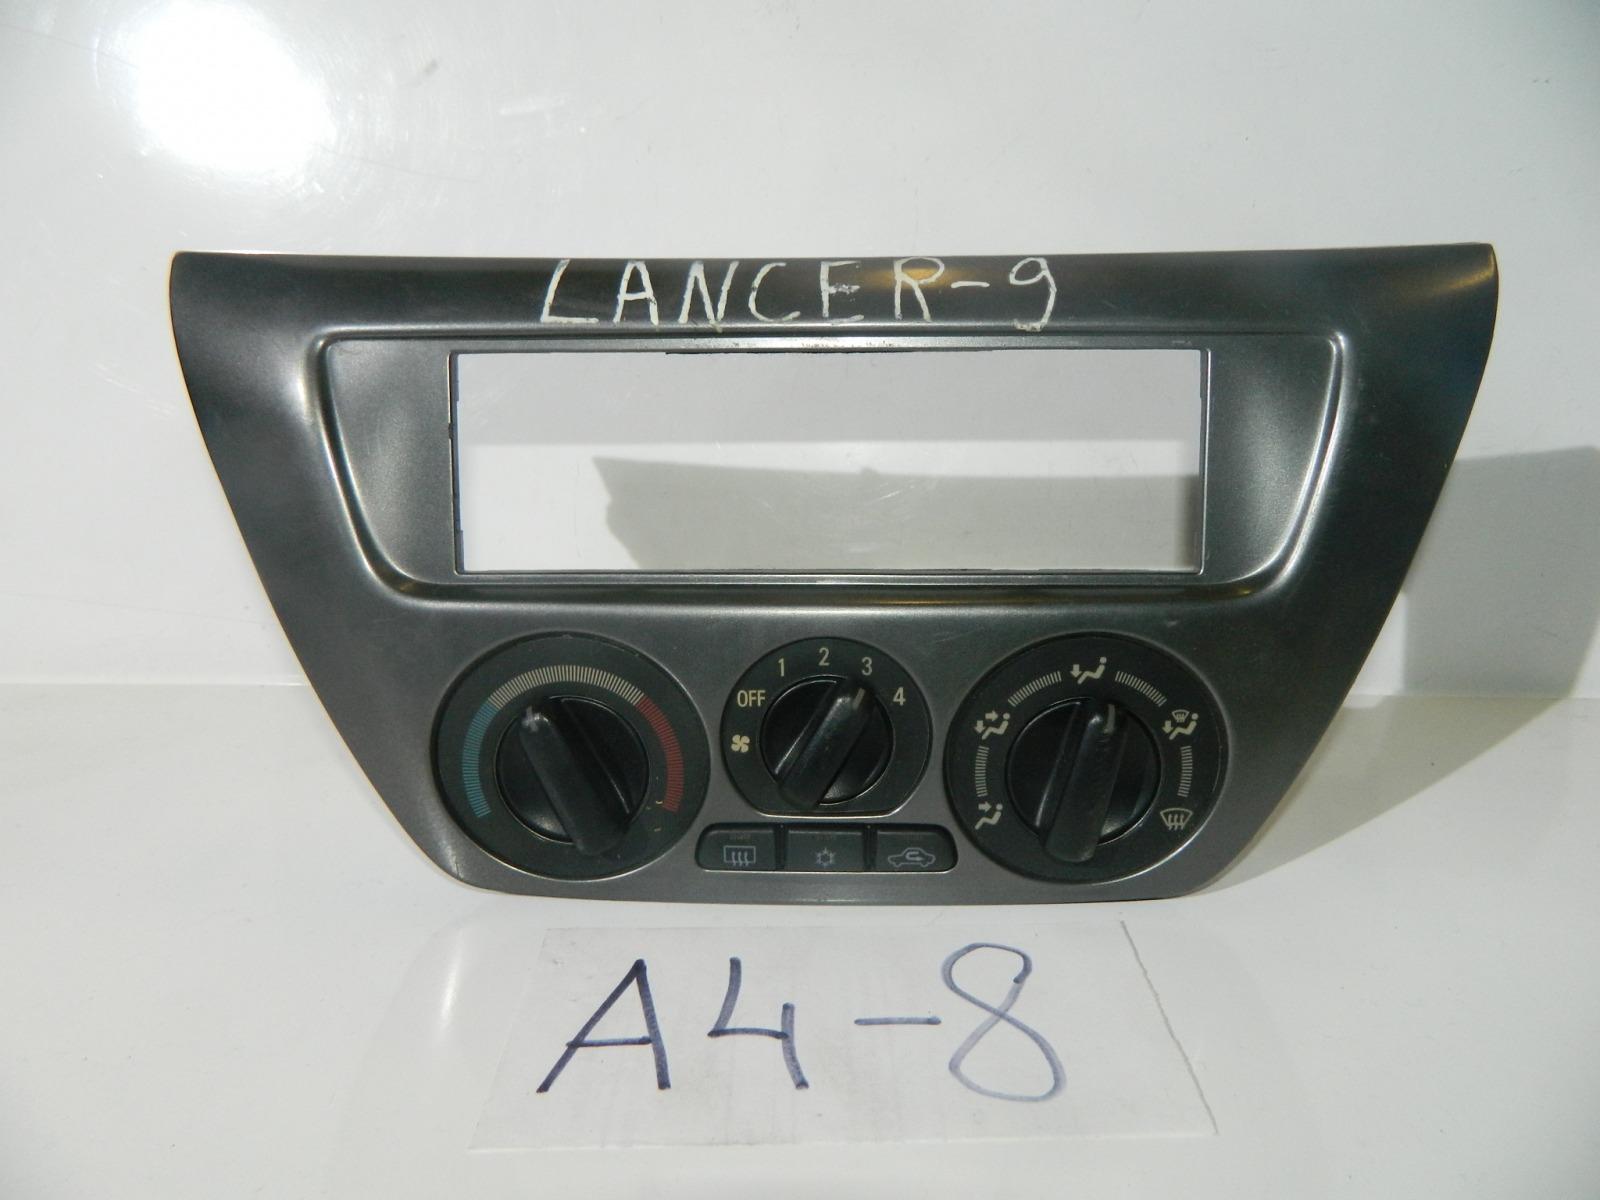 Консоль климат-контроля Mitsubishi Lancer 9 (б/у)